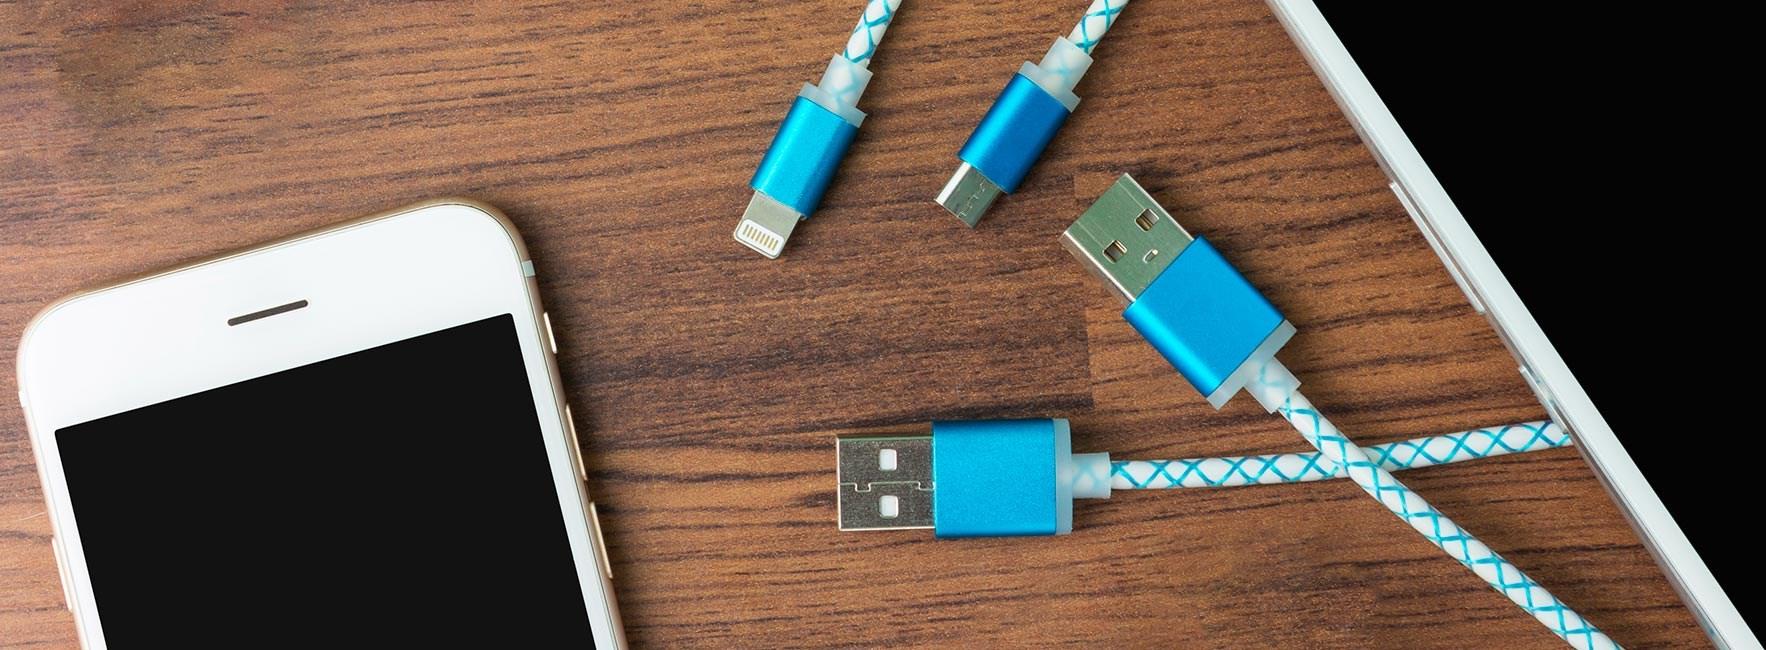 Lad mobil og nettbrett via USB